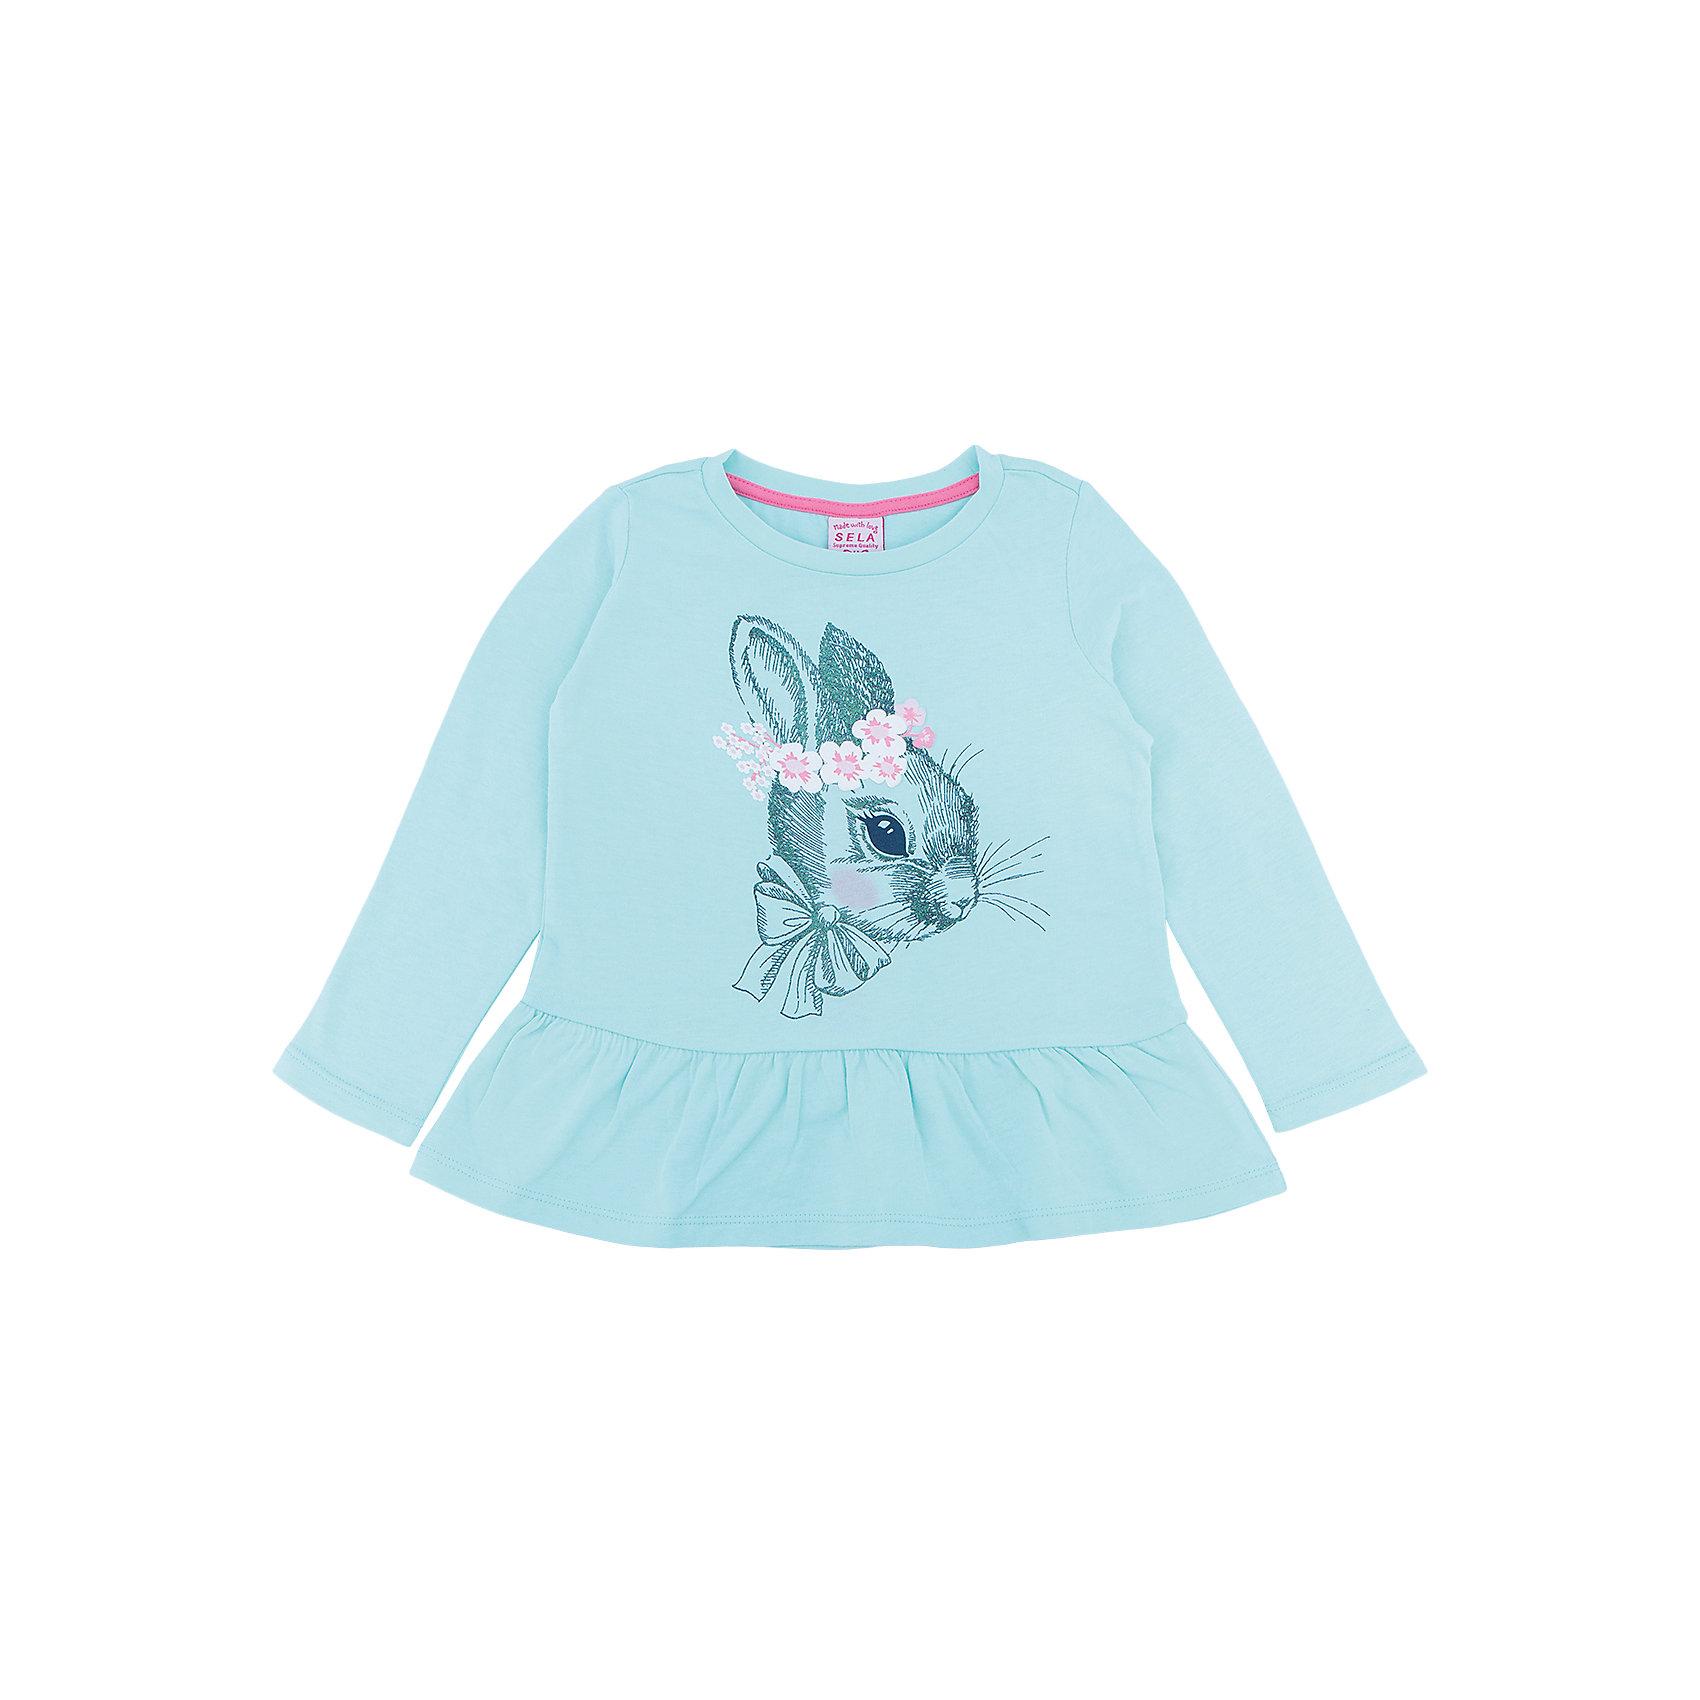 Футболка с длинным рукавом для девочки SELAФутболка с длинным рукавом  - незаменимая вещь в прохладное время года. Эта модель отлично сидит на ребенке, она сделана из приятного на ощупь материала, мягкая и дышащая. Натуральный хлопок в составе ткани не вызывает аллергии и обеспечивает ребенку комфорт. Модель станет отличной базовой вещью, которая будет уместна в различных сочетаниях.<br>Одежда от бренда Sela (Села) - это качество по приемлемым ценам. Многие российские родители уже оценили преимущества продукции этой компании и всё чаще приобретают одежду и аксессуары Sela.<br><br>Дополнительная информация:<br><br>материал: 100 % хлопок;<br>длинный рукав;<br>украшен принтом.<br><br>Футболка с длинным рукавом  для девочки от бренда Sela можно купить в нашем интернет-магазине.<br><br>Ширина мм: 190<br>Глубина мм: 74<br>Высота мм: 229<br>Вес г: 236<br>Цвет: серый<br>Возраст от месяцев: 60<br>Возраст до месяцев: 72<br>Пол: Женский<br>Возраст: Детский<br>Размер: 116,92,98,104,110<br>SKU: 5020401